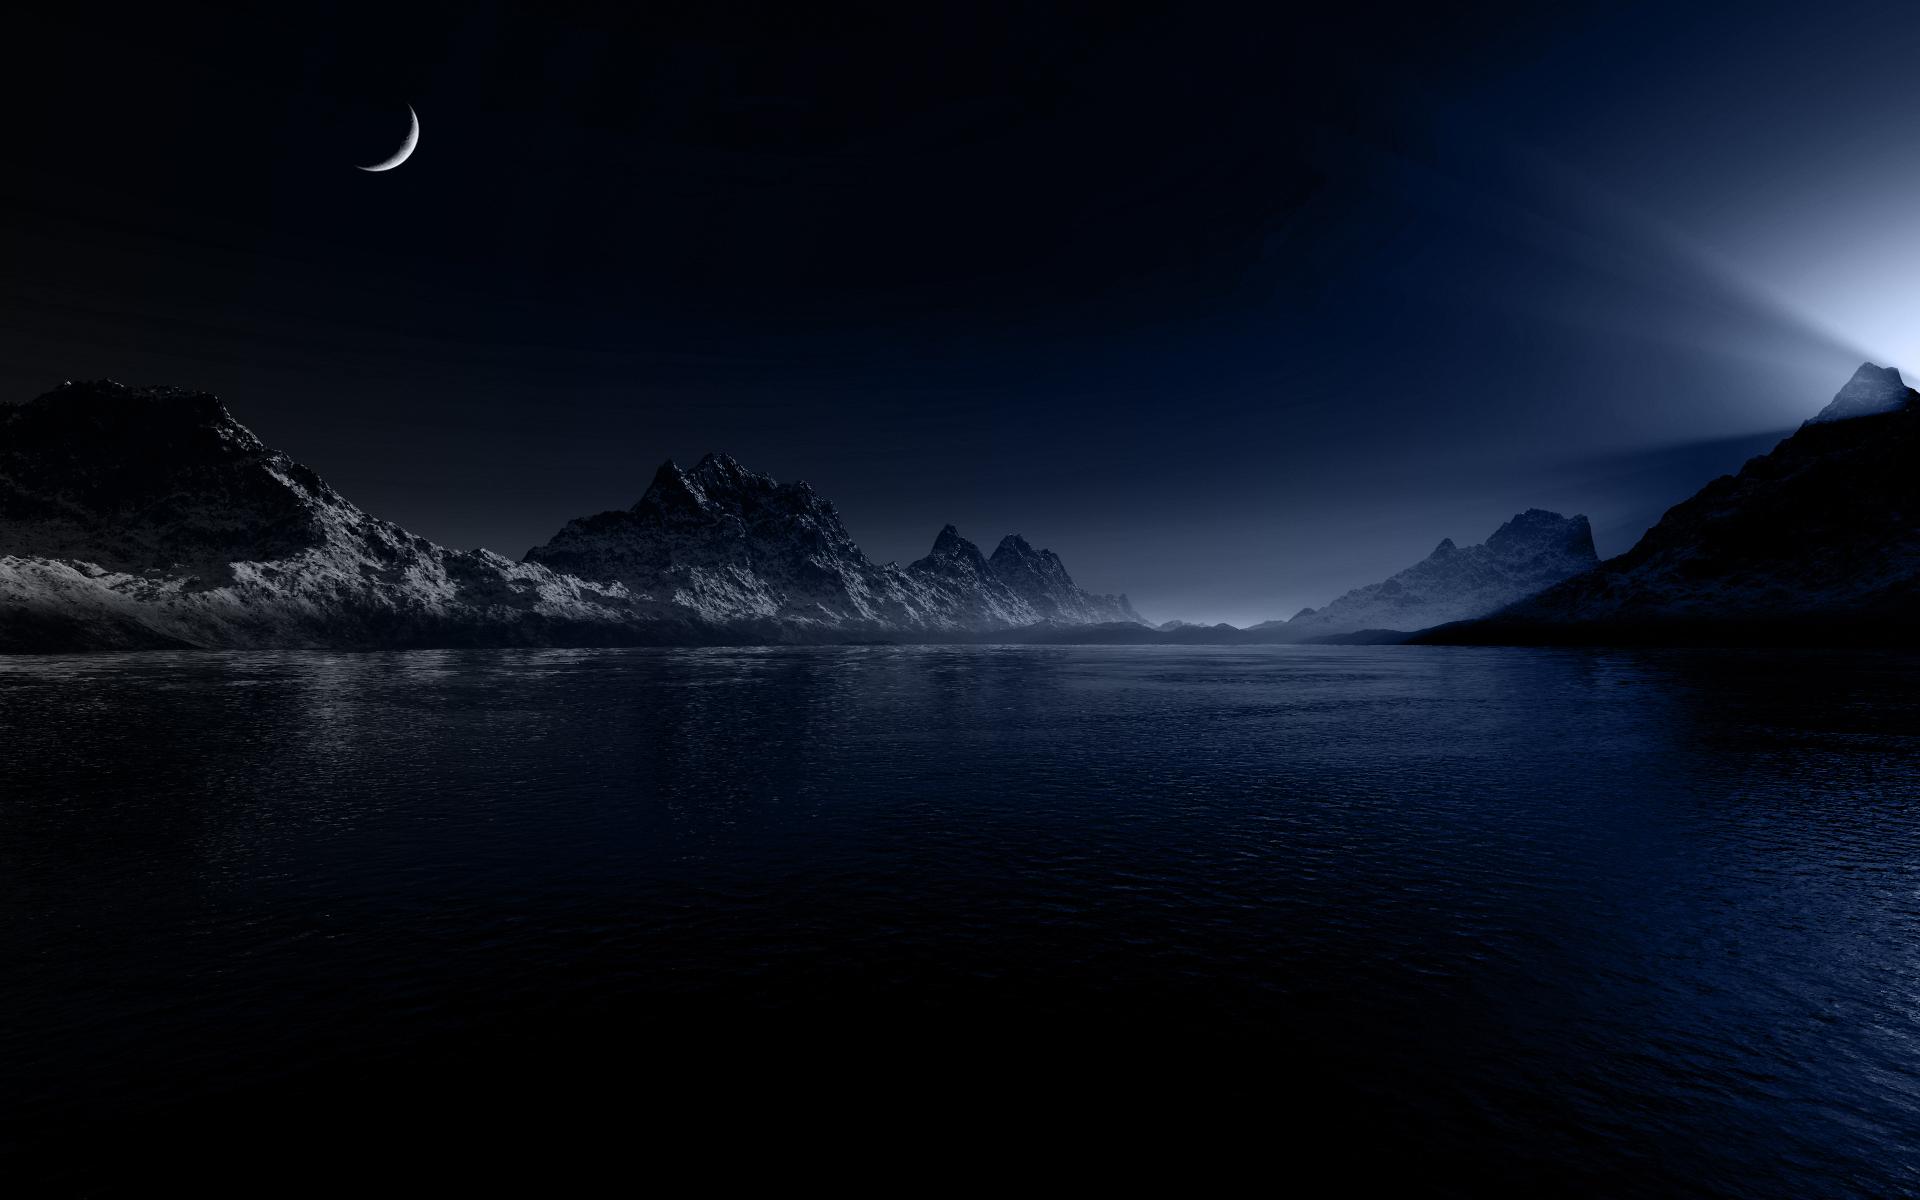 Night Wallpapers - Wal...